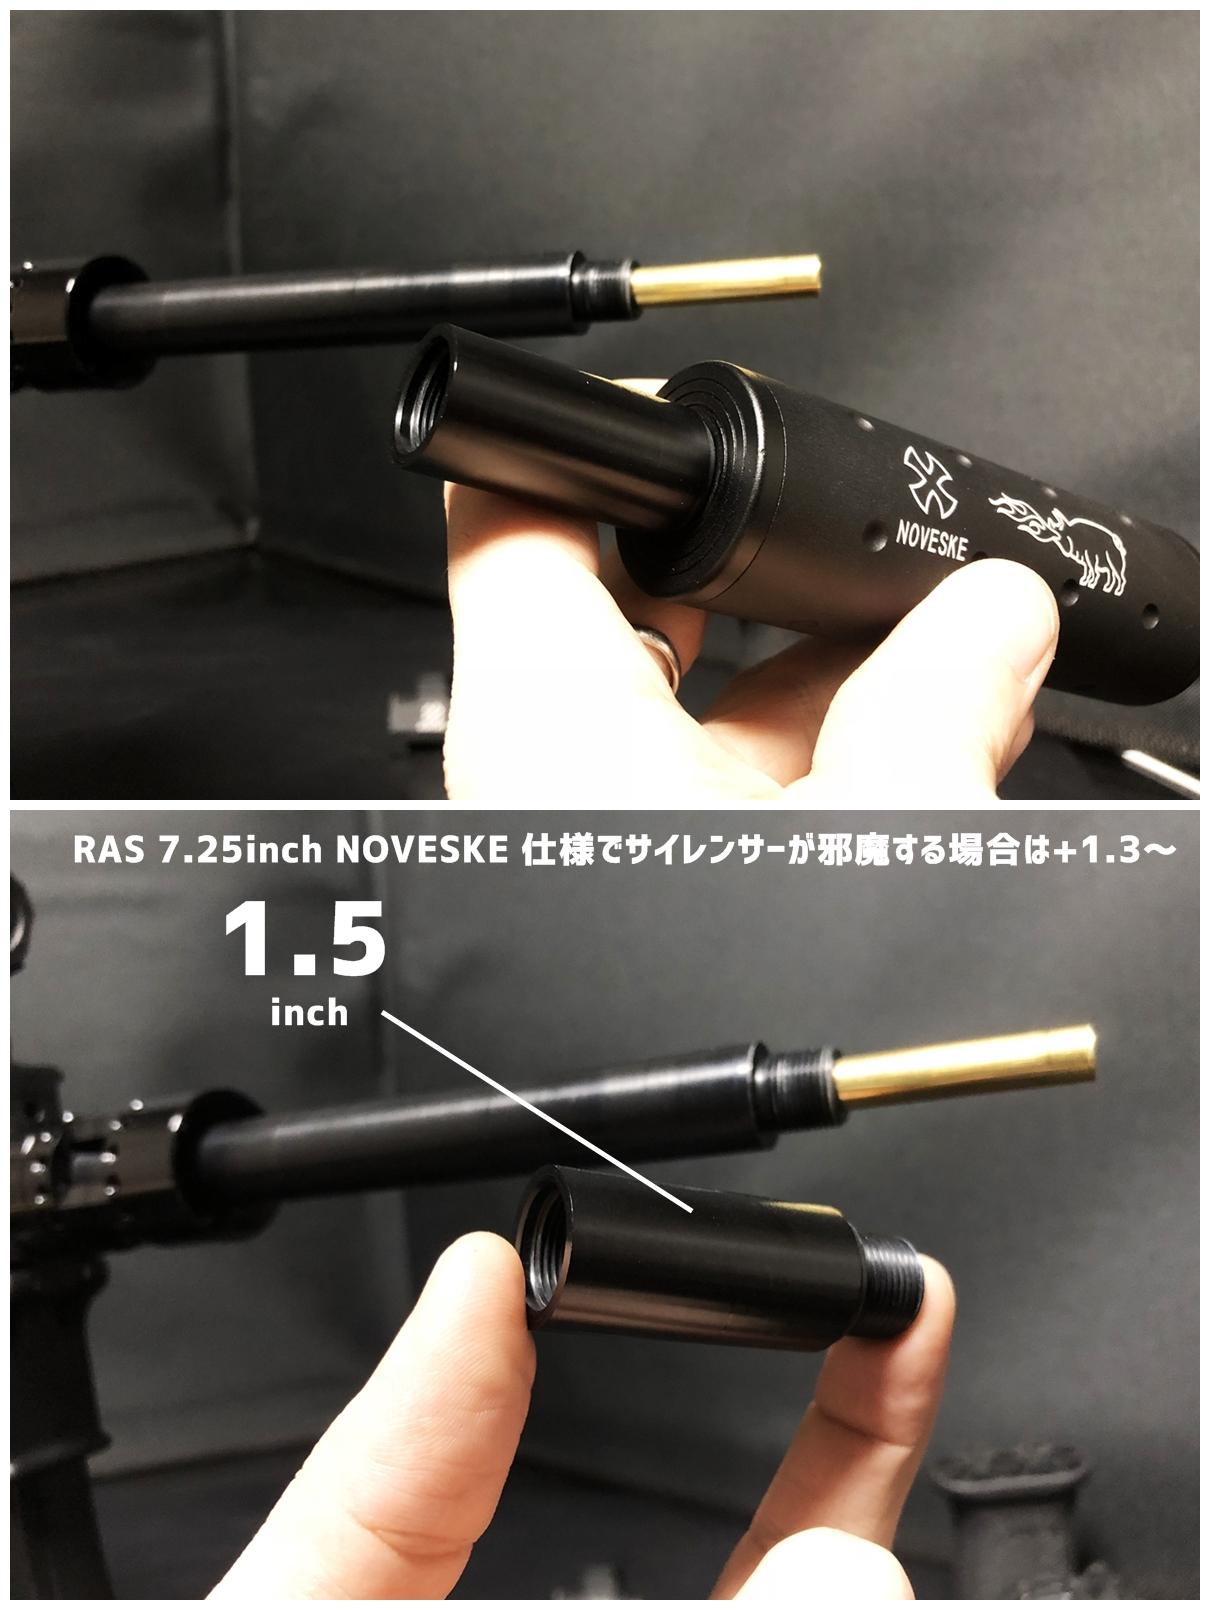 25 『微々たる変化』と『微々たる進化』 IRON vs 5KU M-LOK NSR NOVESKE TYPE N4 M4 AR15 ハンドガード 購入 分解 交換 検証 取付 レビュー